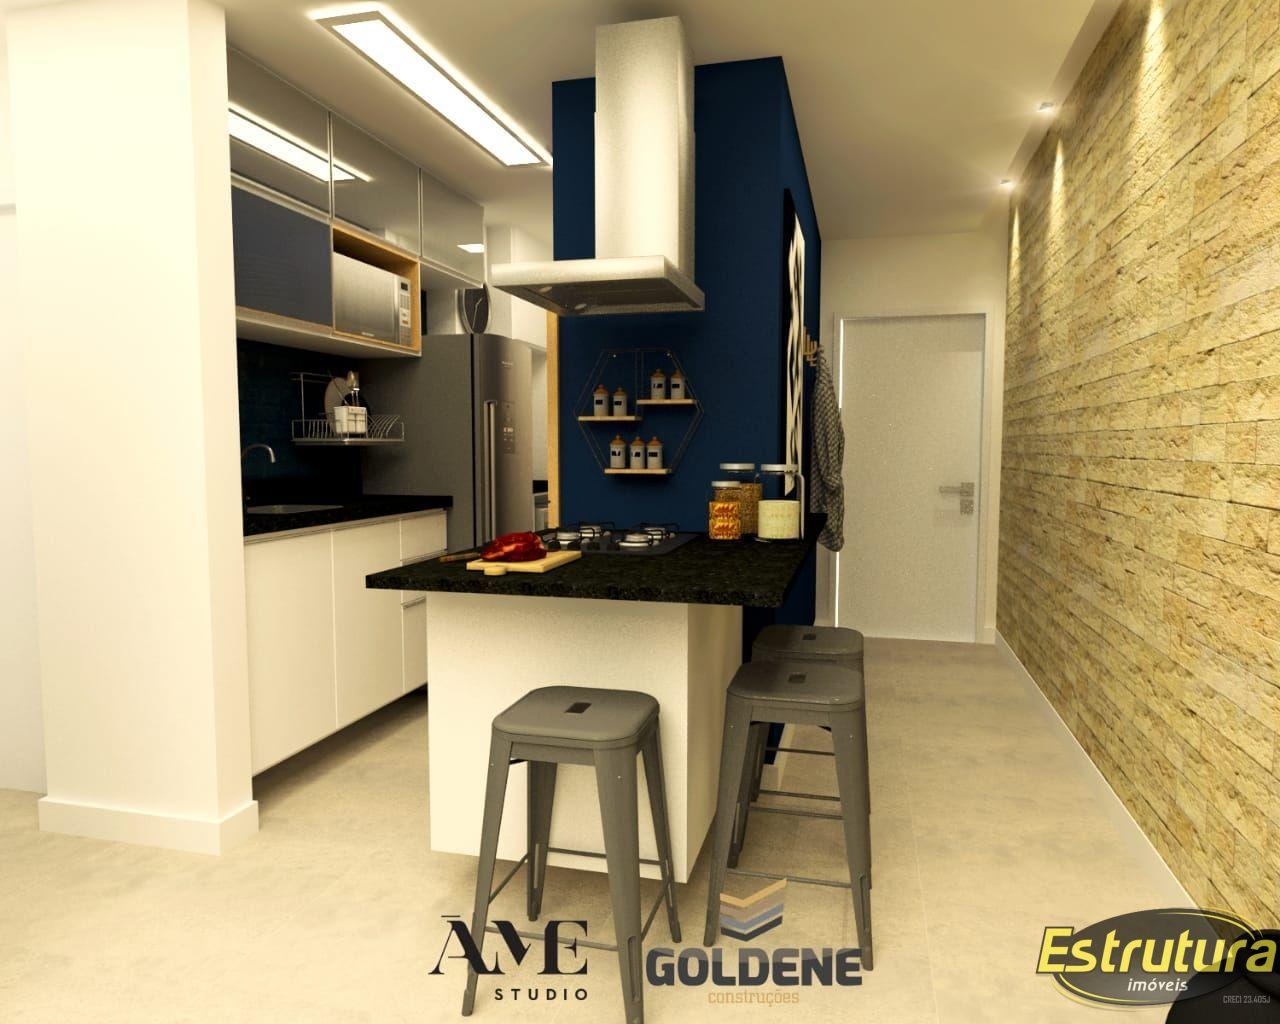 Apartamento com 2 Dormitórios à venda, 77 m² por R$ 430.000,00